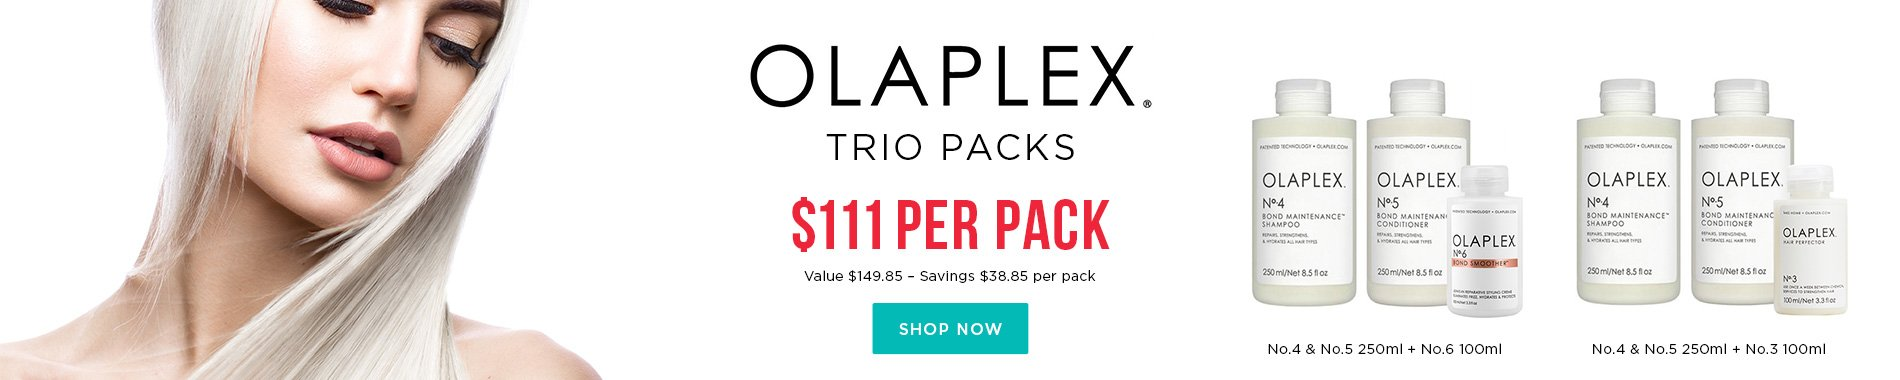 Olaplex Trio Packs